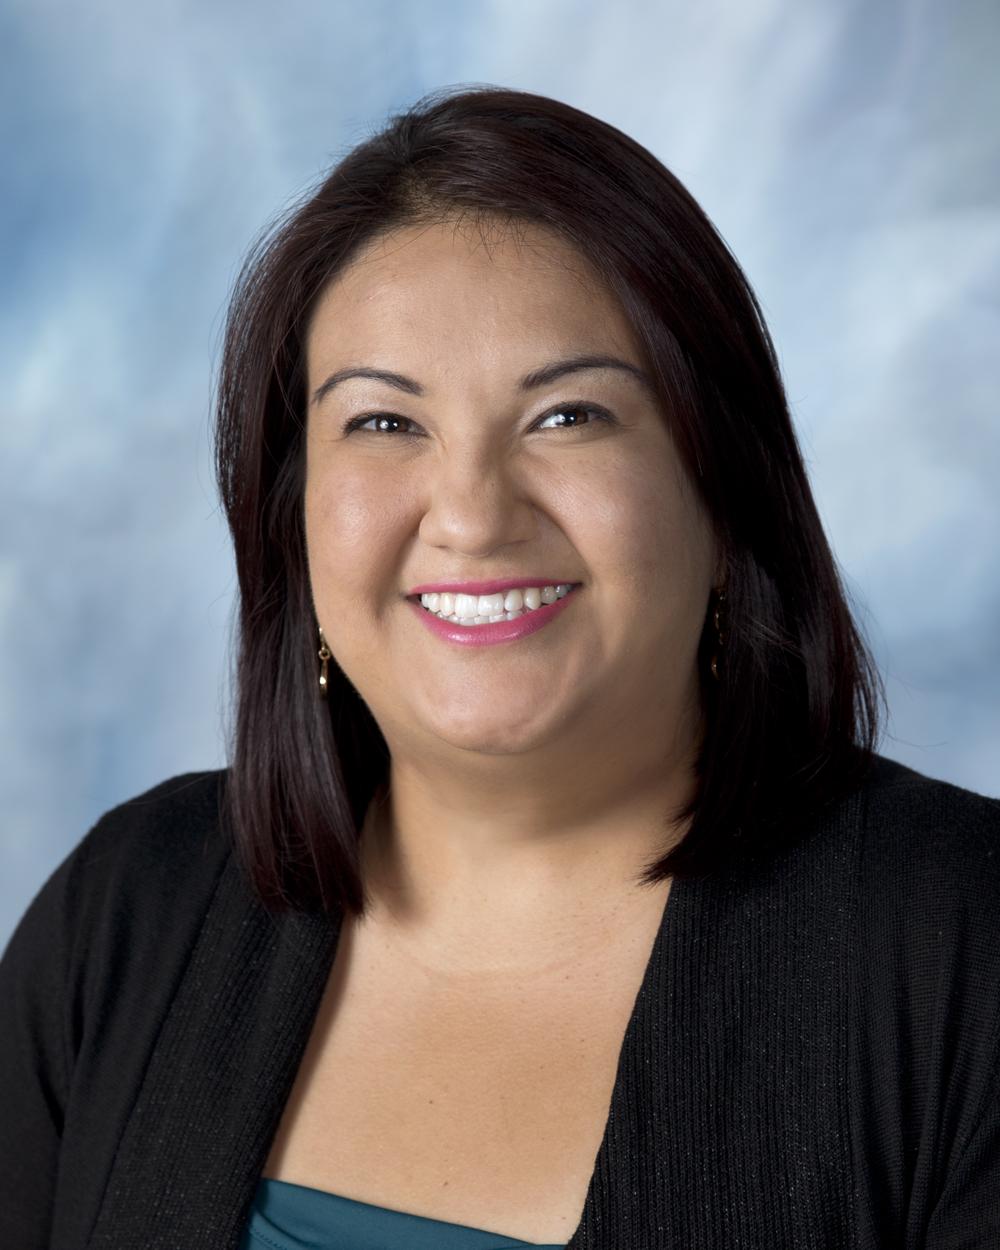 Sra. Elia Barrera